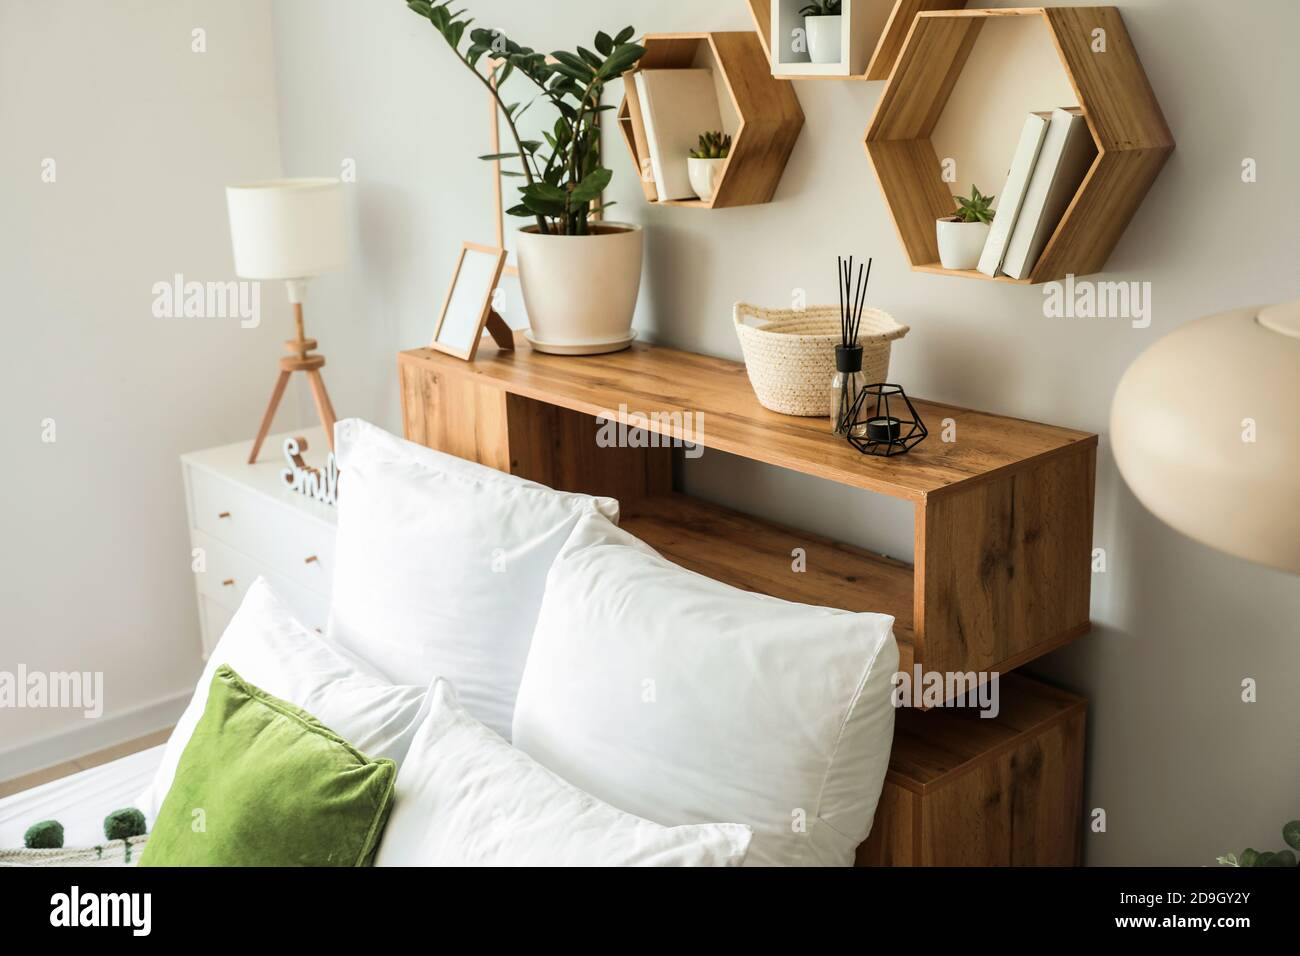 10 idee e foto a cui ispirarsi per inserire le mensole all'interno della camera da letto e arredare con stile aggiungendo spazio. Interni Di Una Moderna Ed Elegante Camera Da Letto Con Mensole Foto Stock Alamy